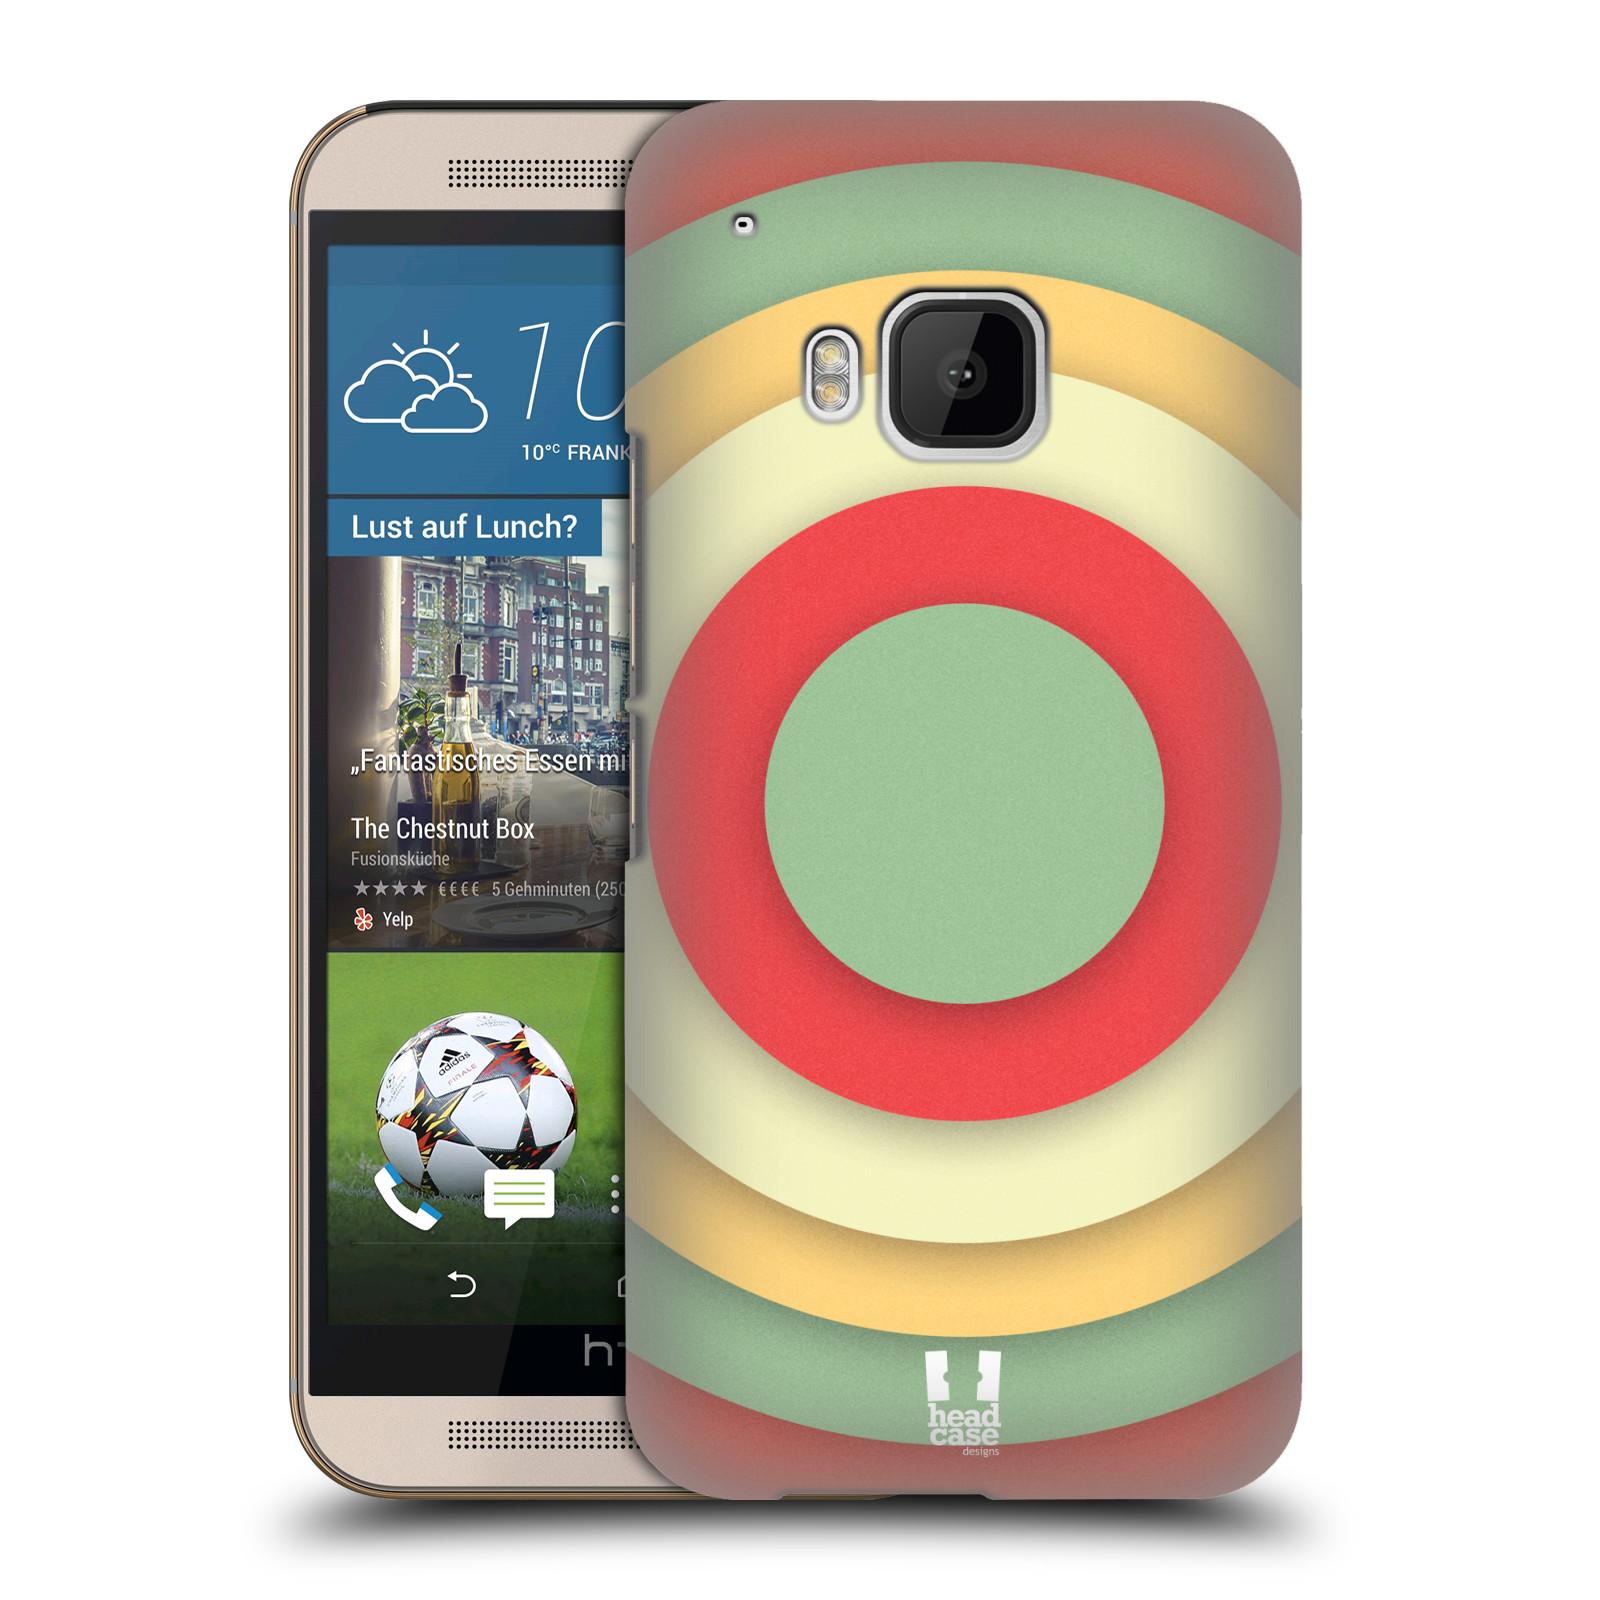 HEAD-CASE-DESIGNS-PAPIERKUNST-RUCKSEITE-HULLE-FUR-HTC-HANDYS-1